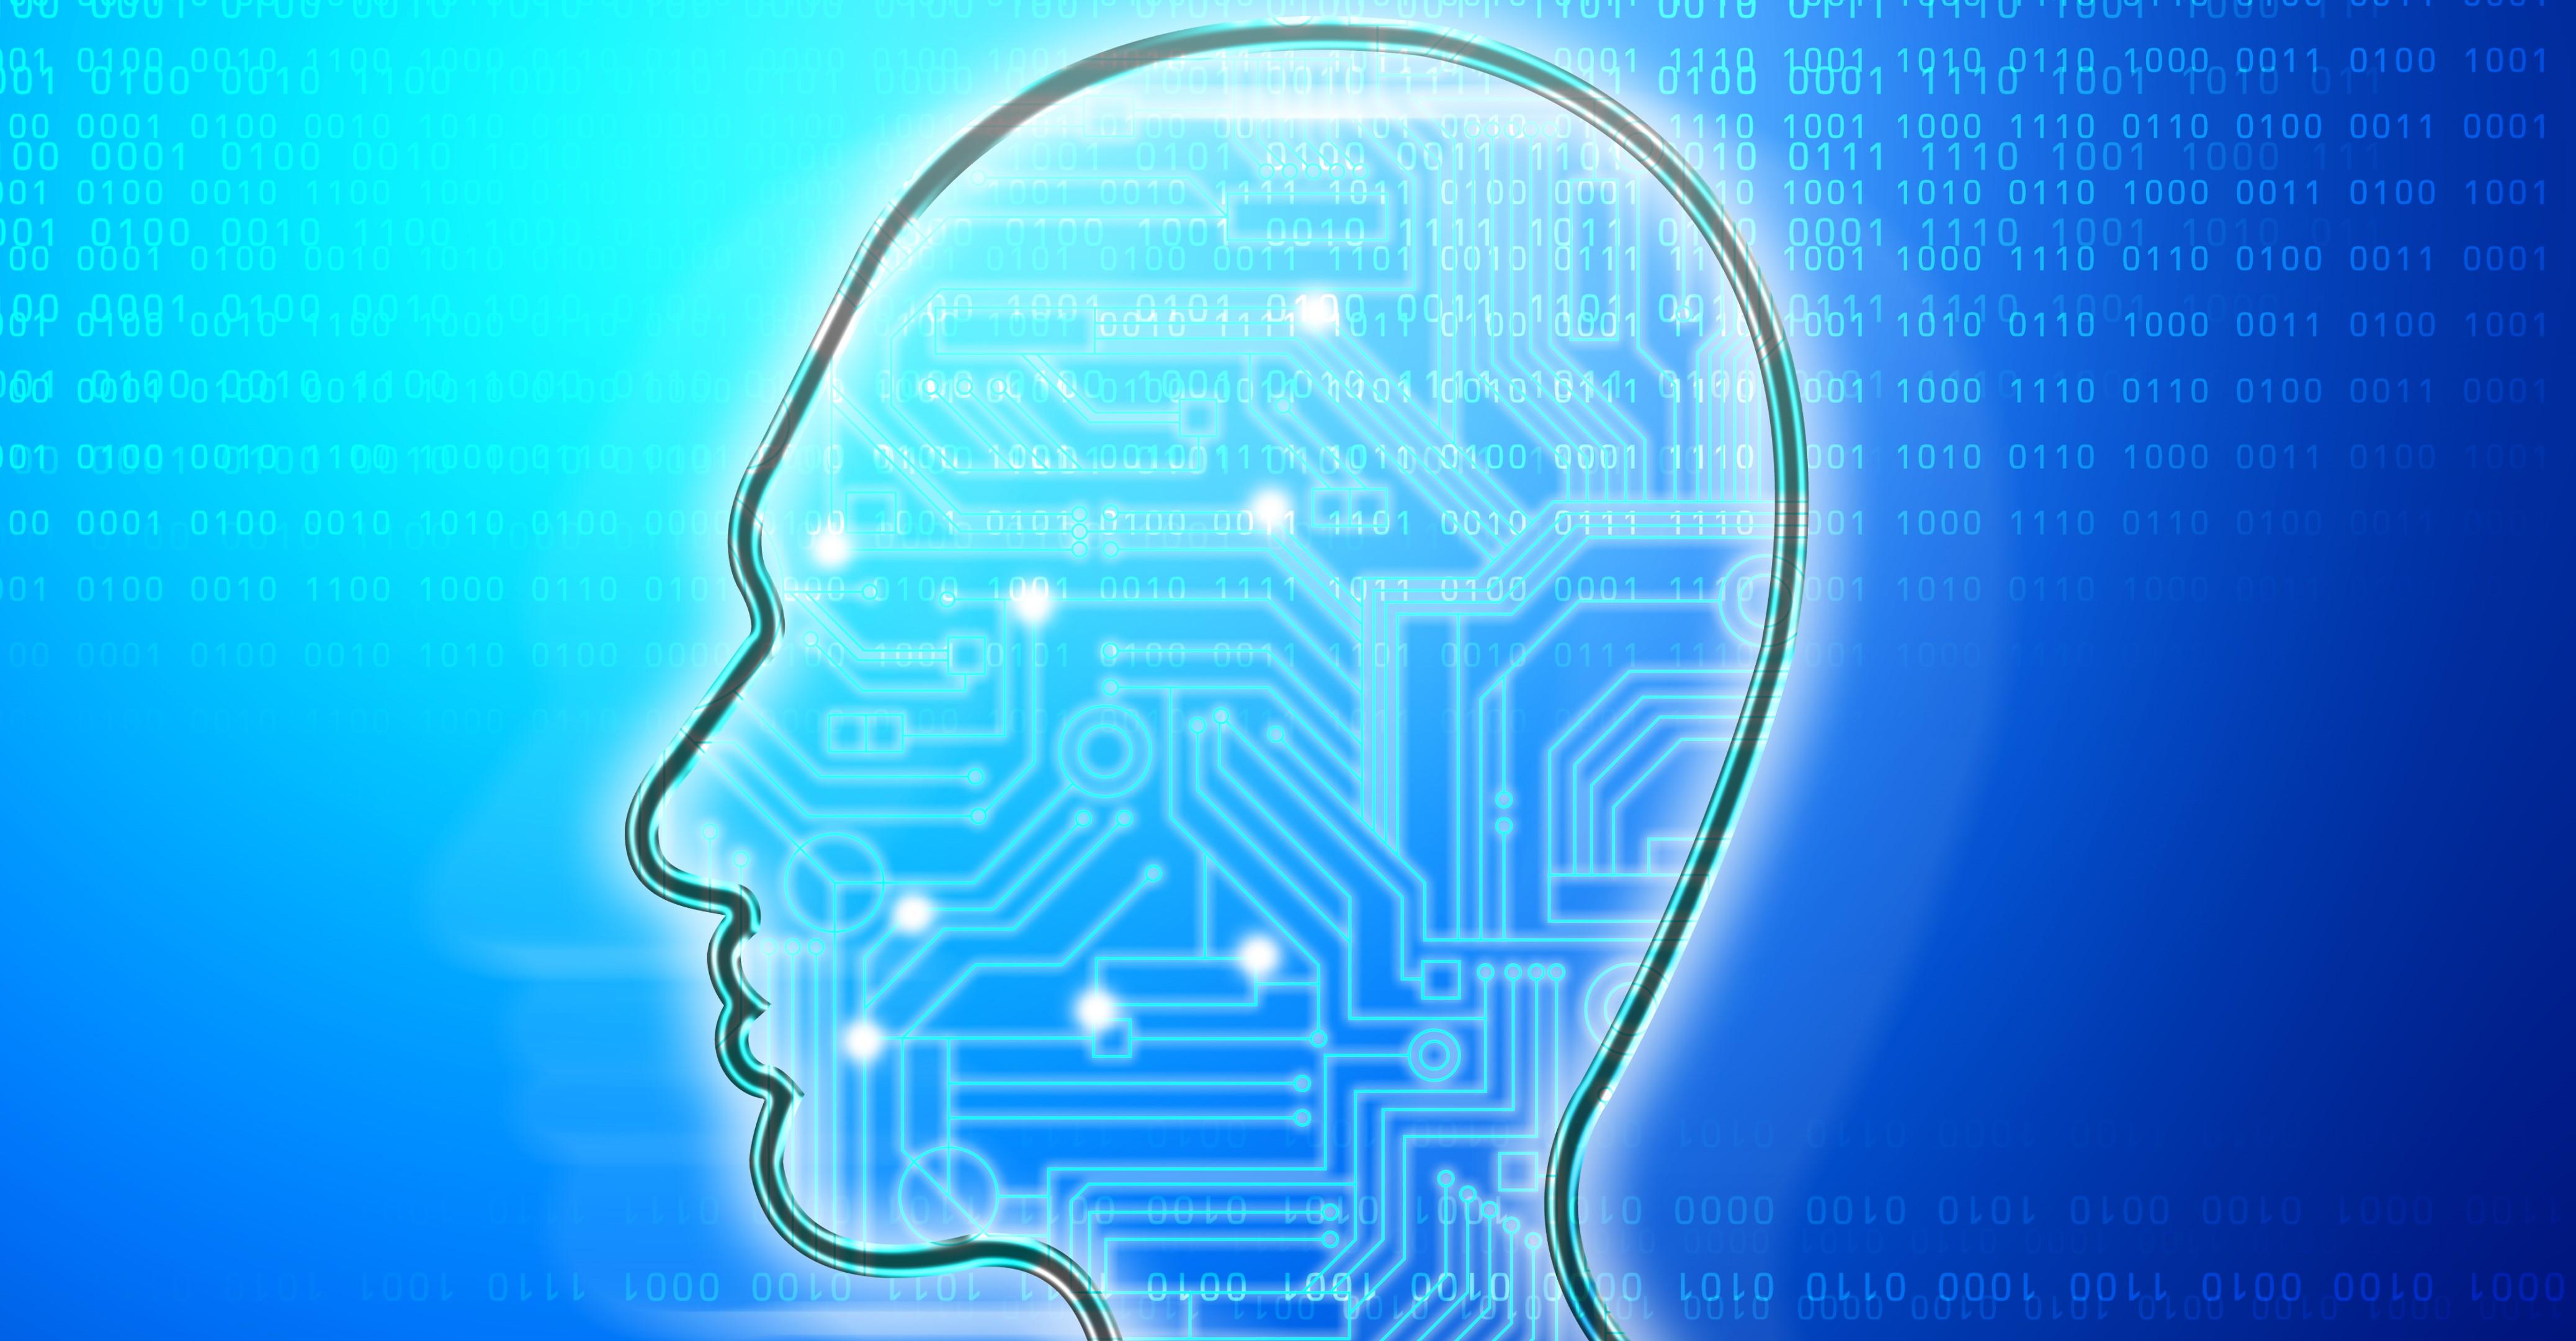 【メタップス】上場直後から怒涛のM&A データを学習する世界の頭脳へ